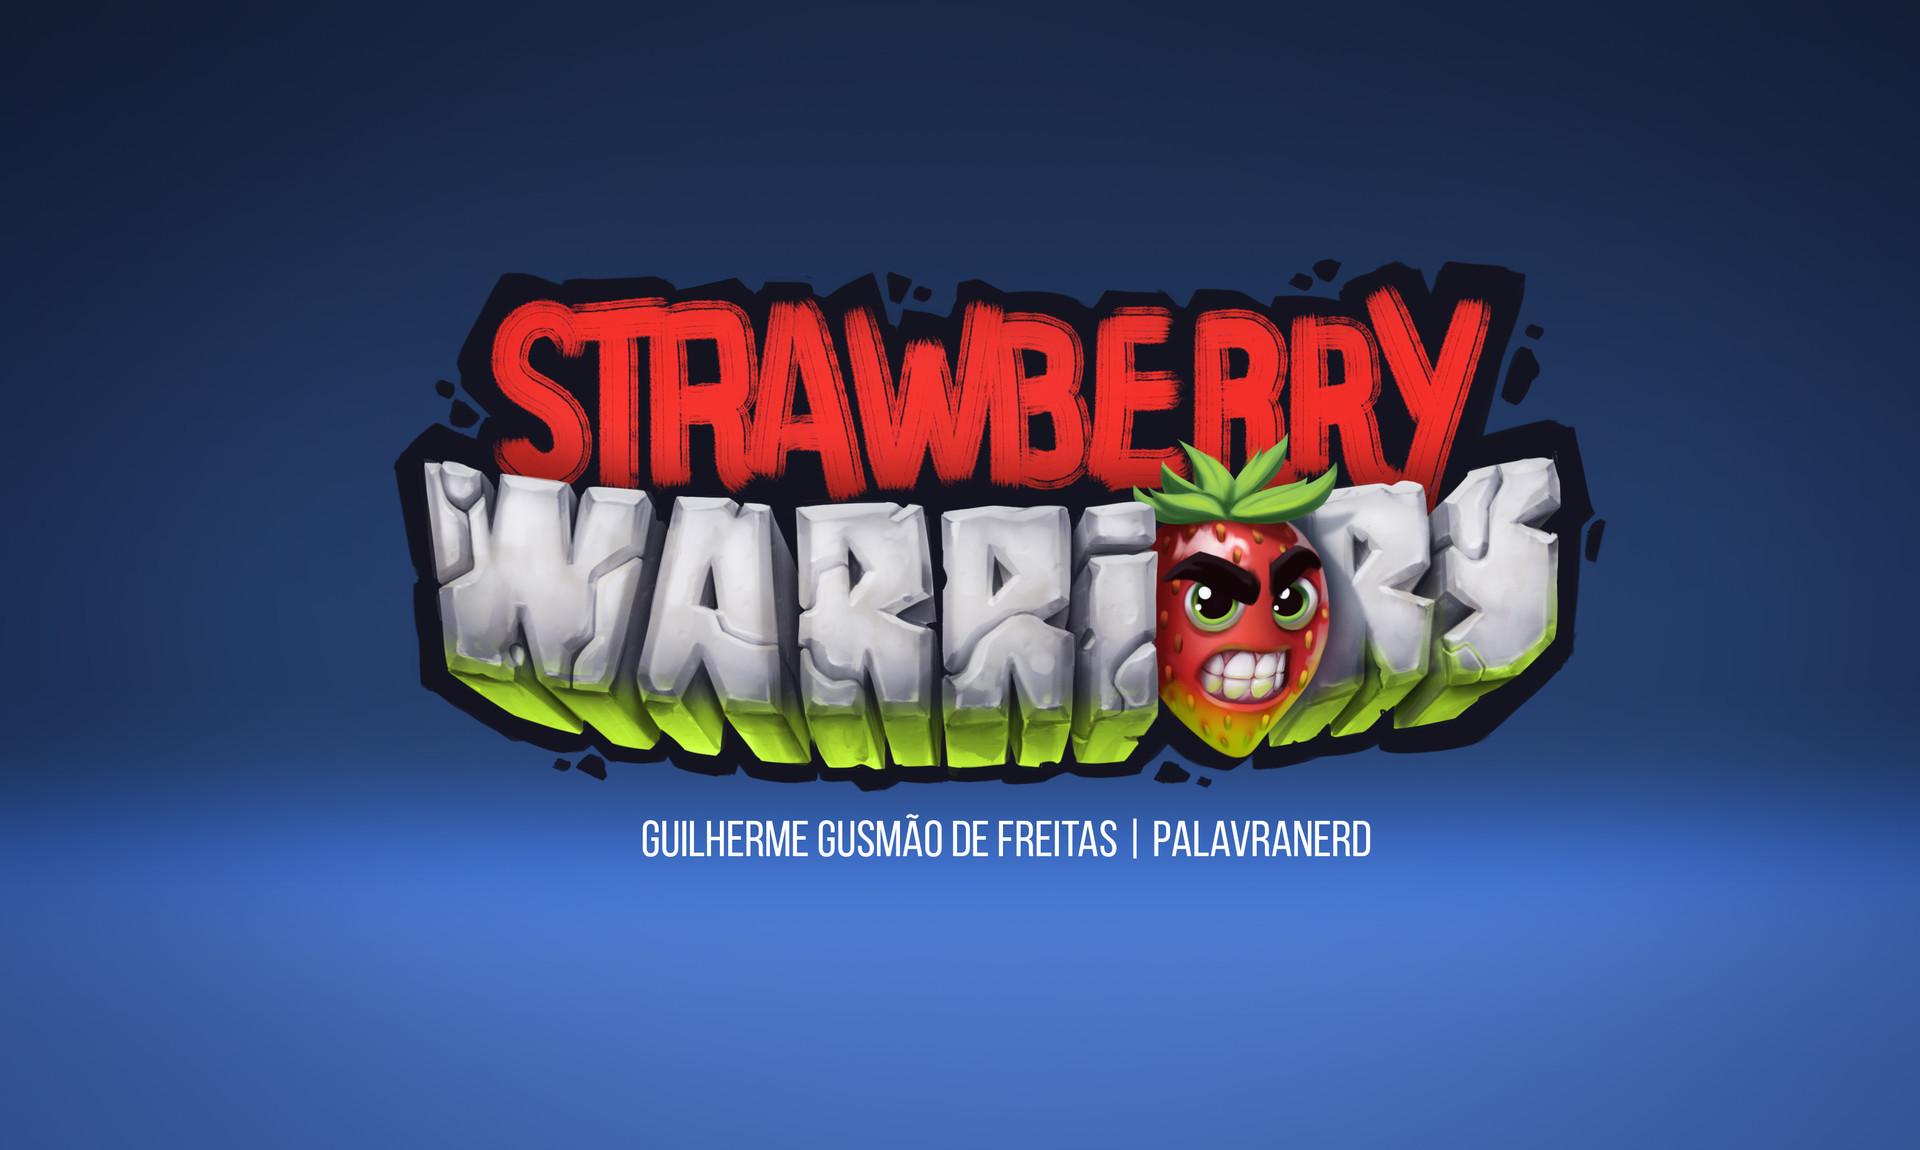 Guilherme freitas strawberry title